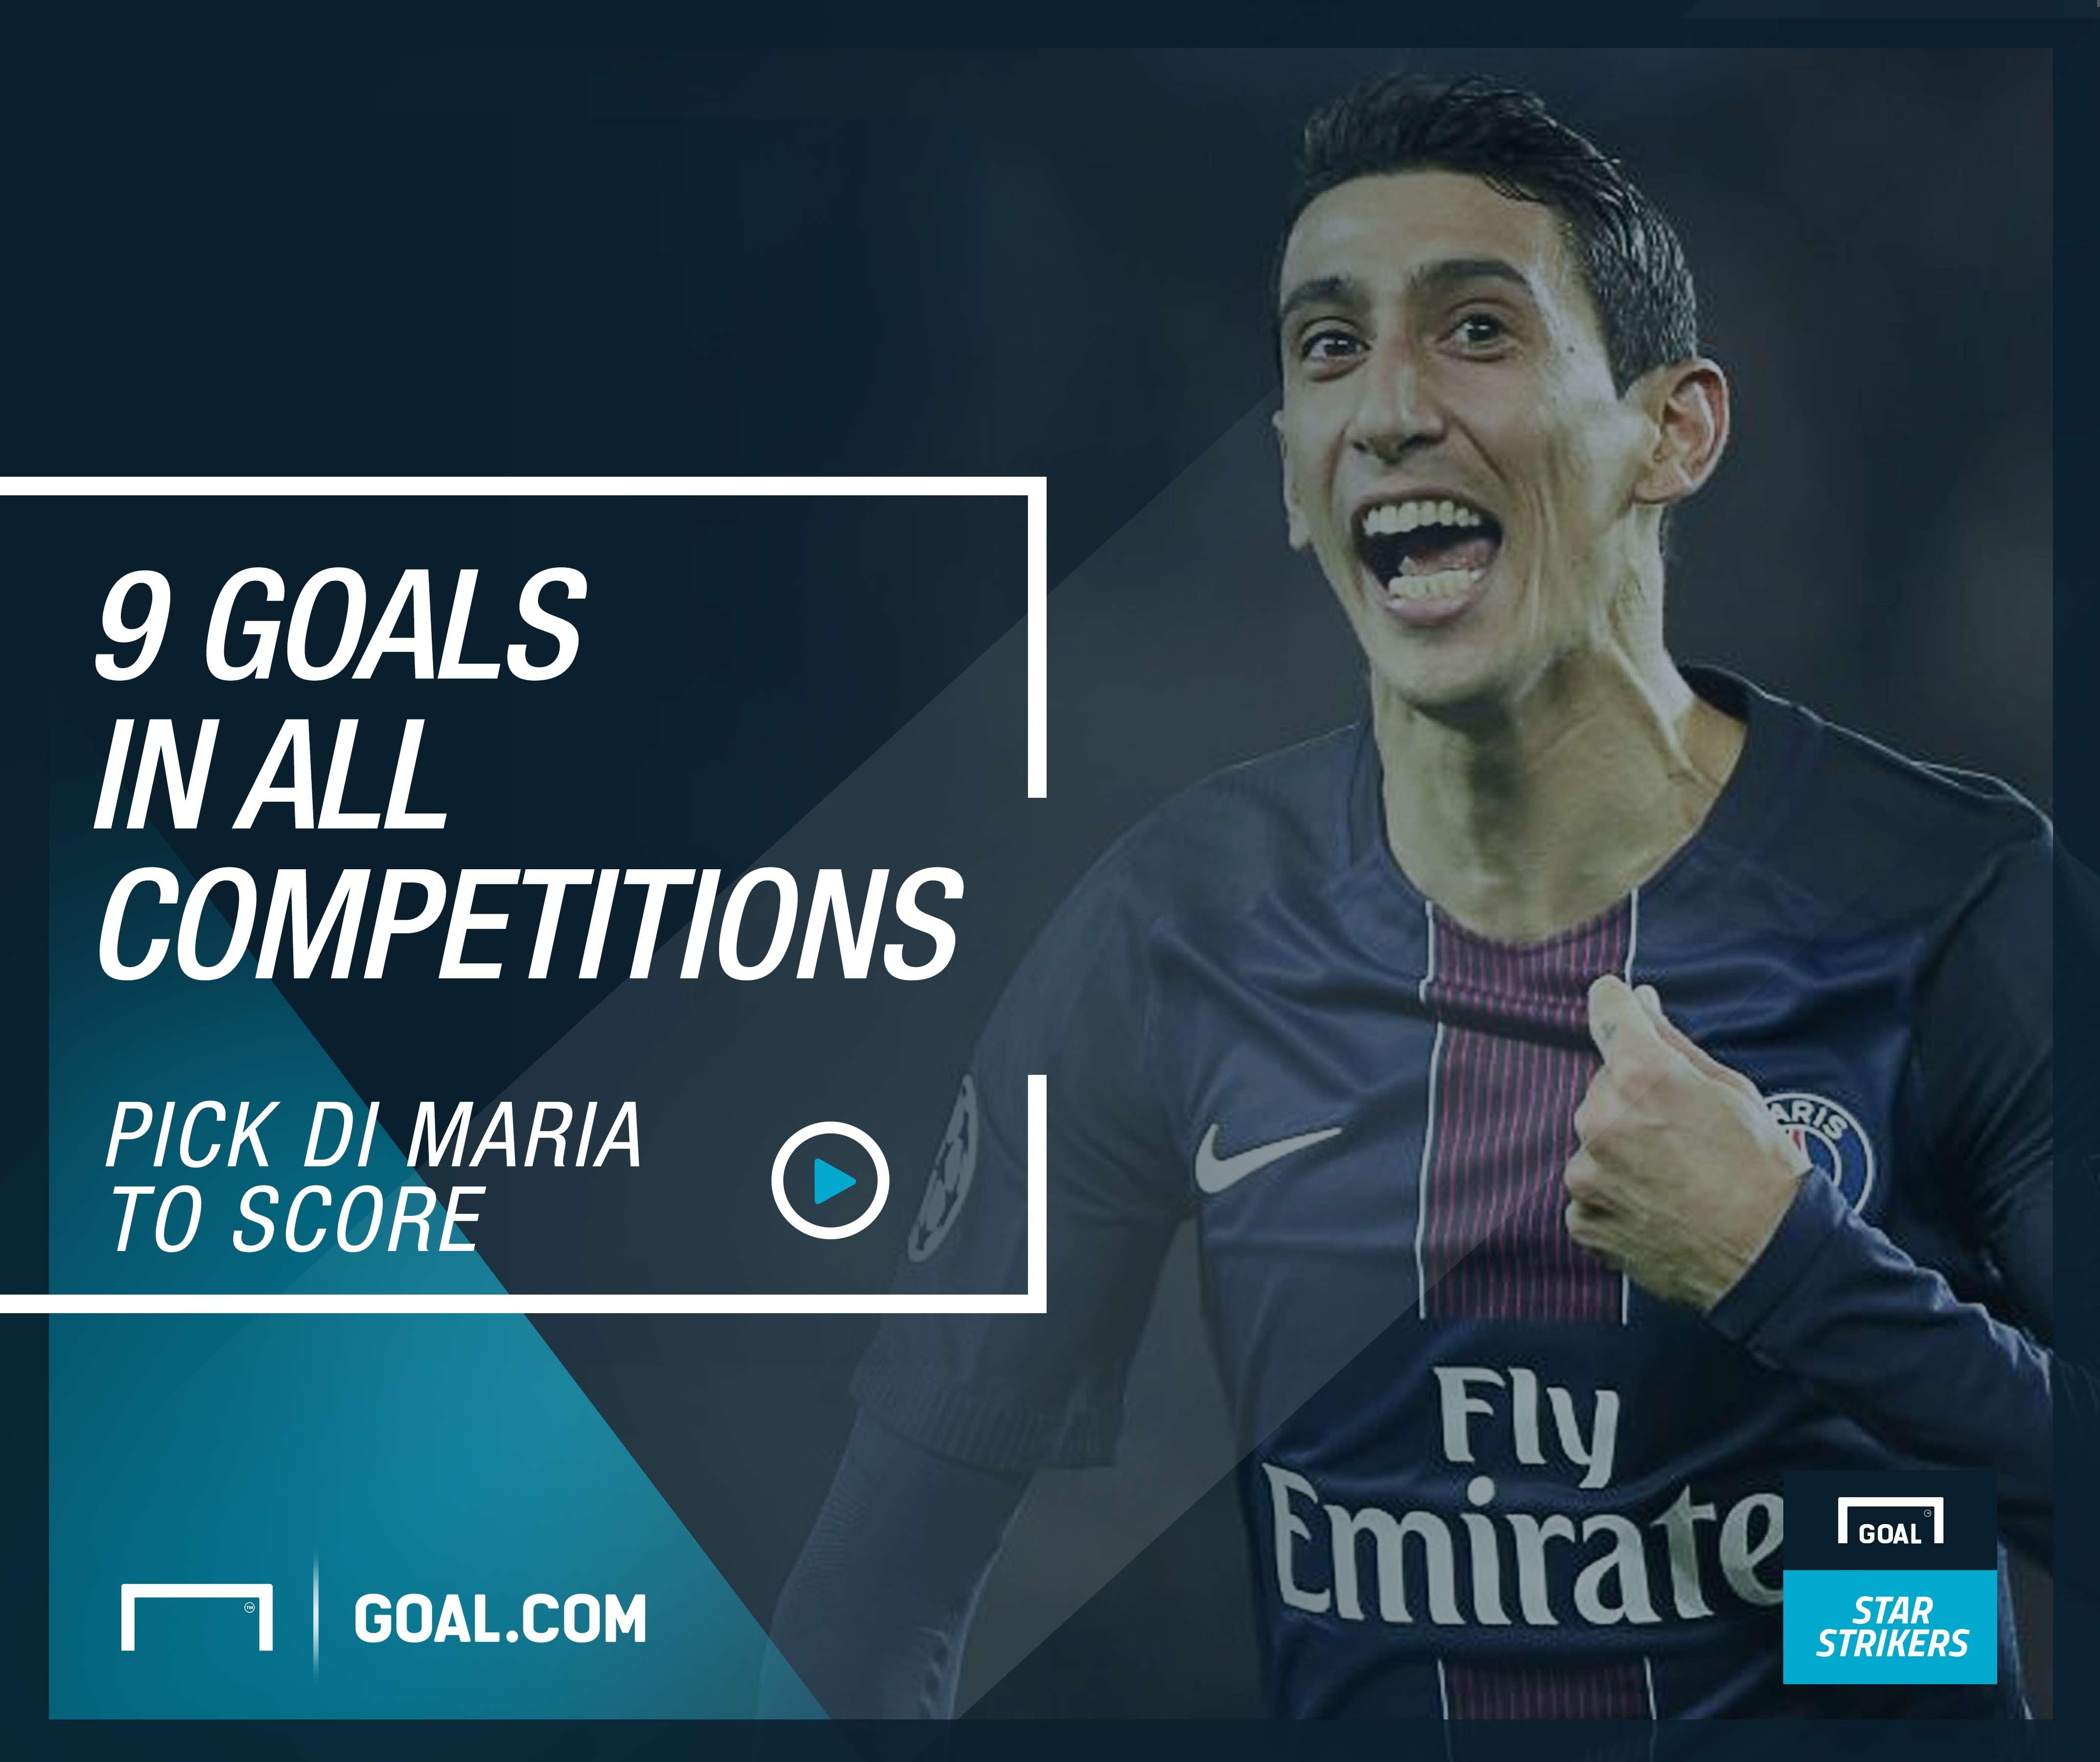 Goal Star Strikers - Di Maria